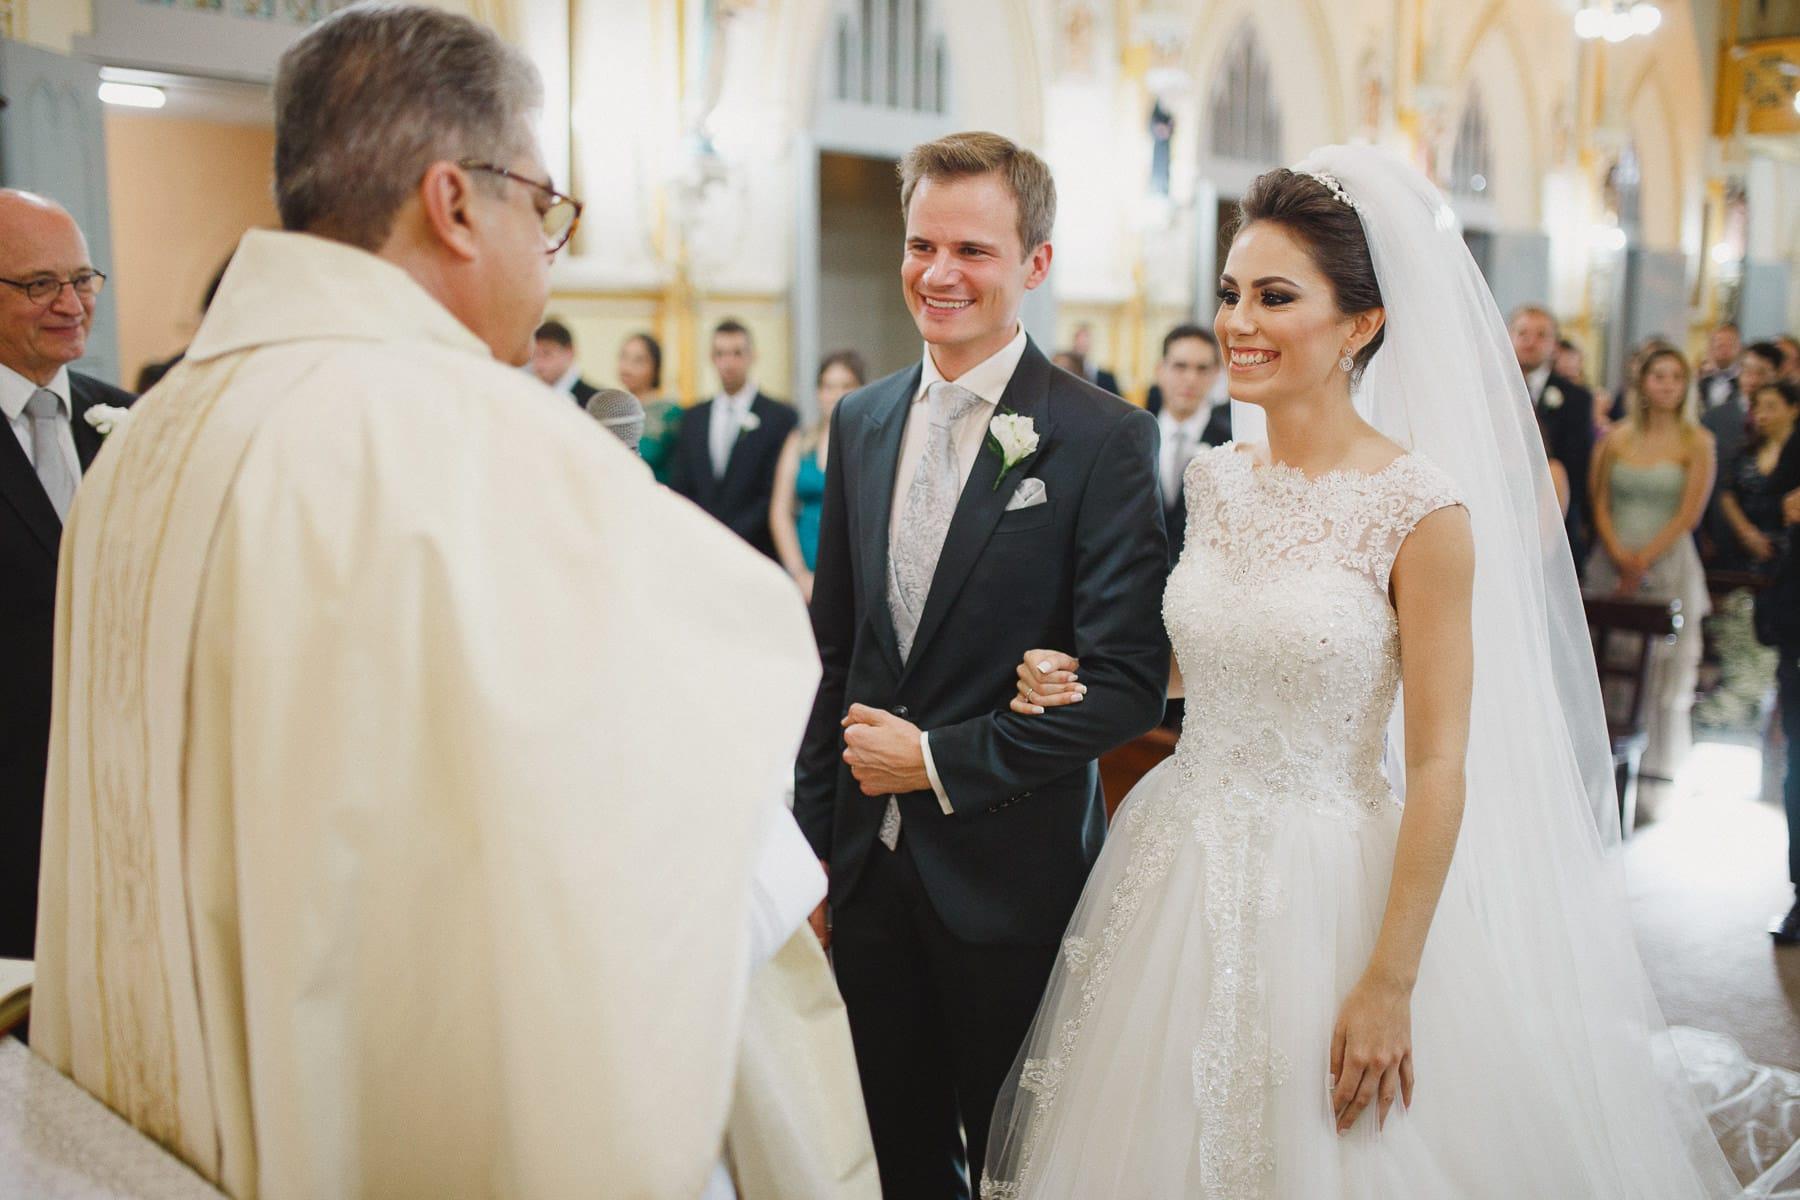 casamento-igreja-do-pequeno-grande-24